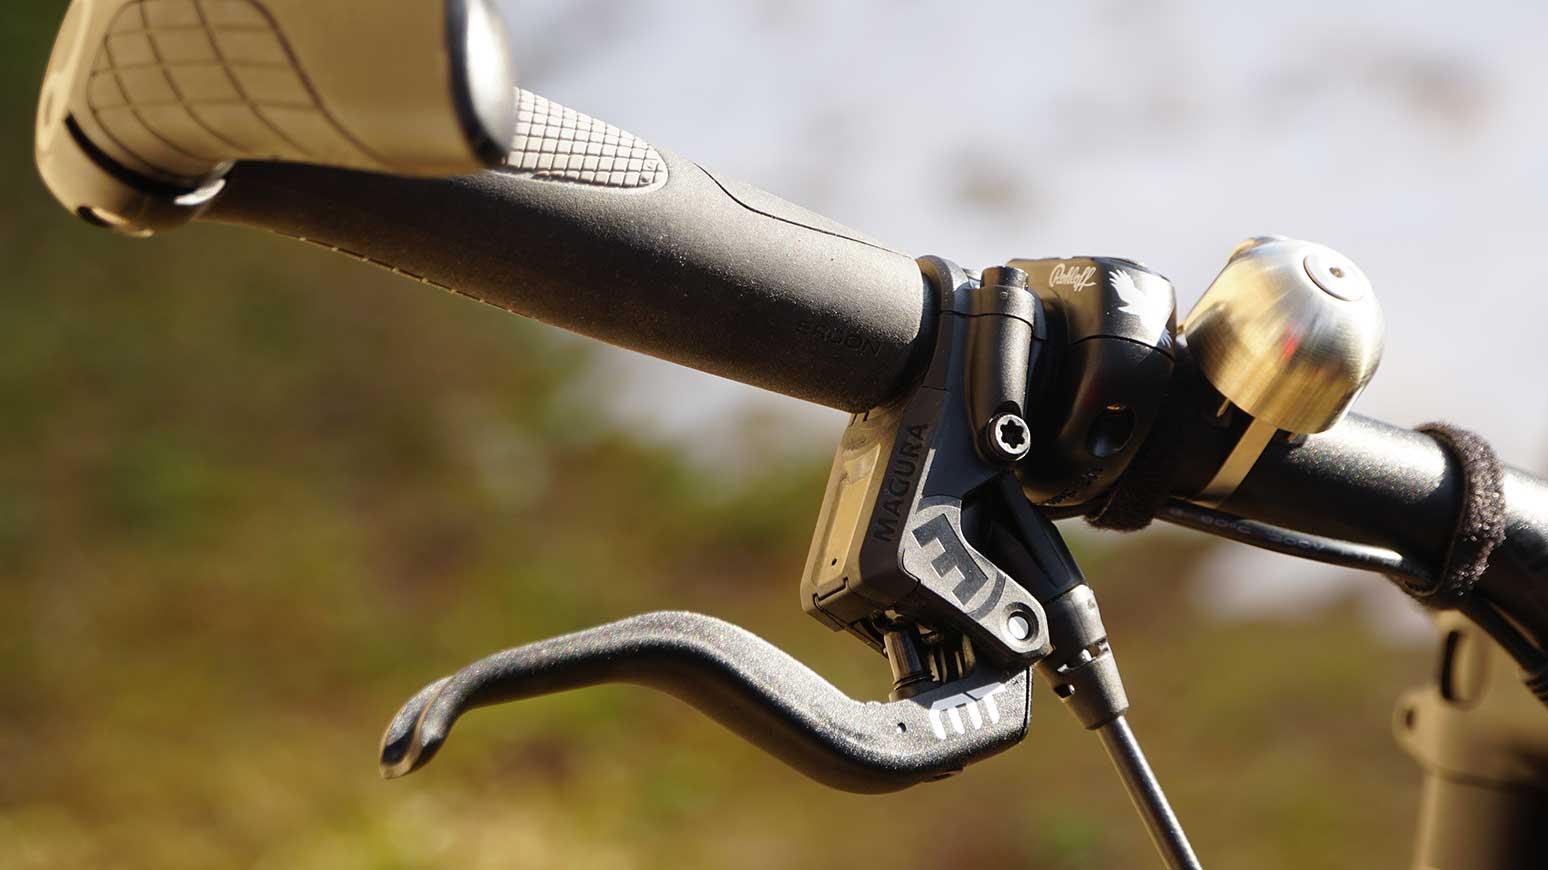 Super Frontlicht am Rennrad Reiserad Rohloff: die Edelux von SON